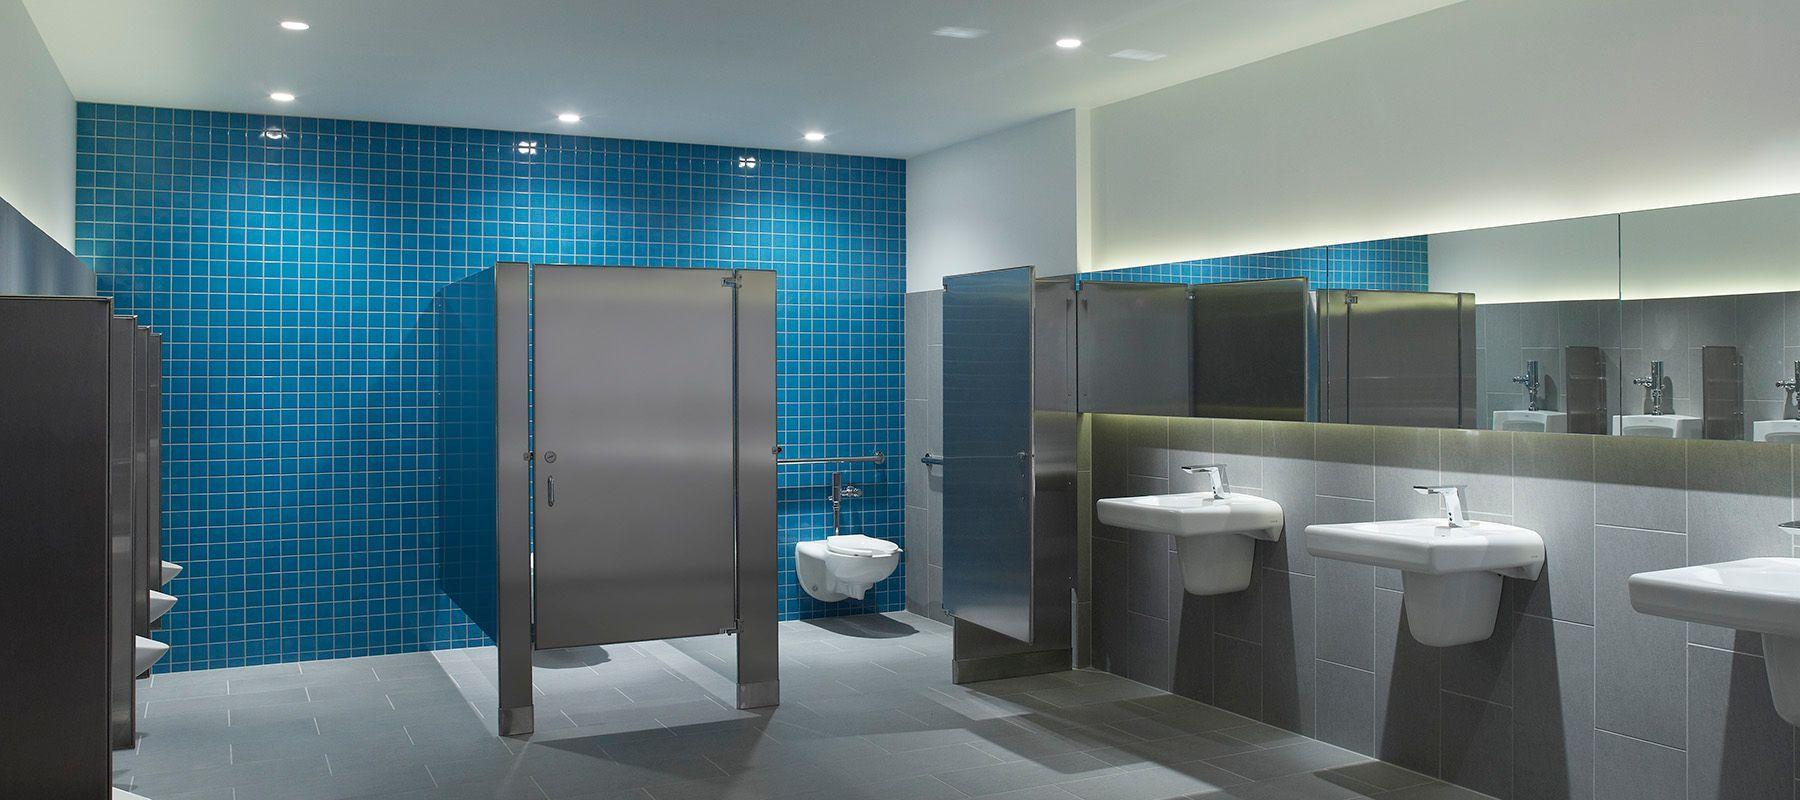 Commercial Bathroom | Bathroom | KOHLER | Church Remodel | Pinterest ...